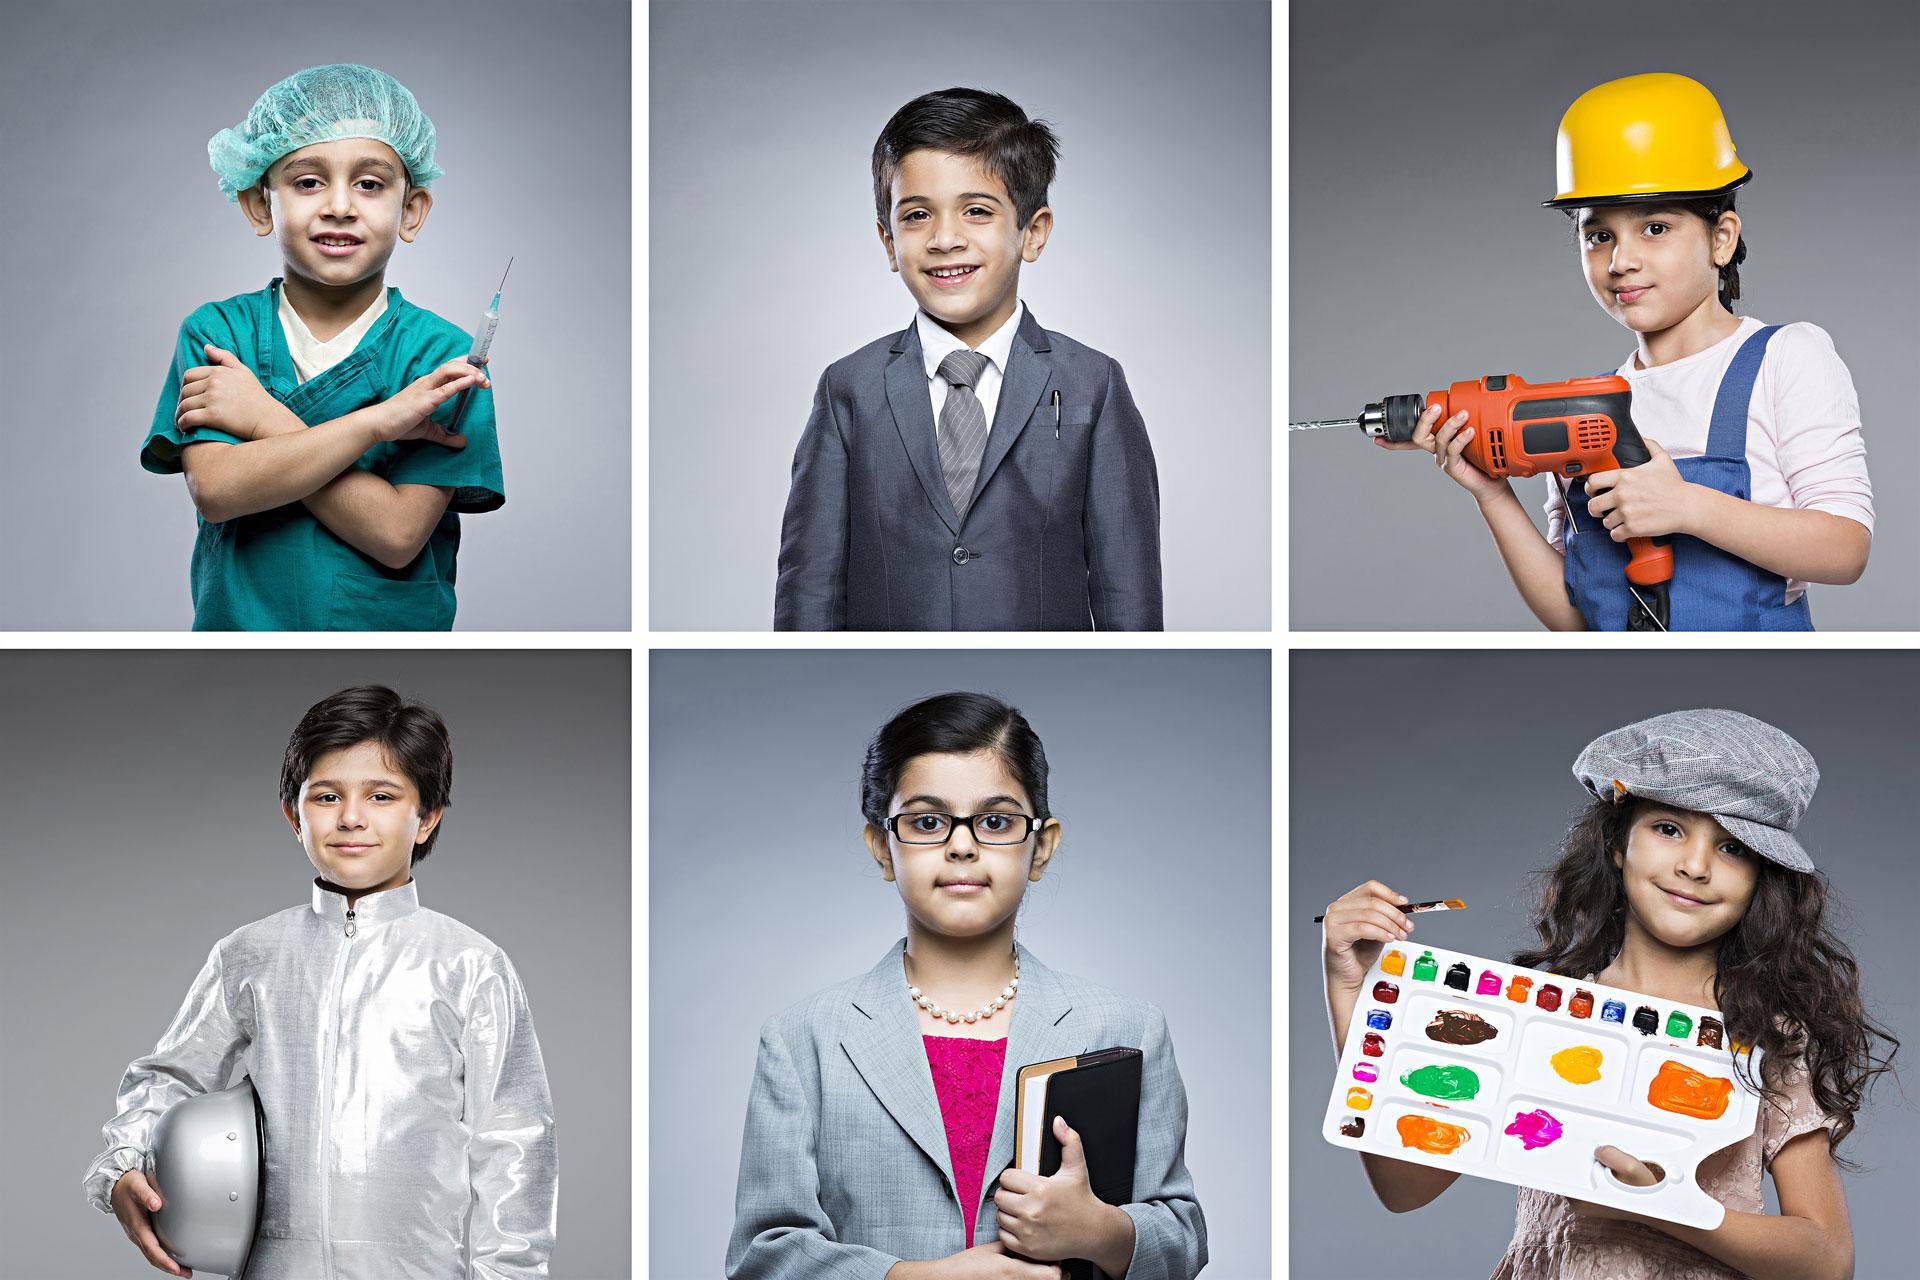 بچهها دنبال یاد گرفتن رویاهاشون میرن.